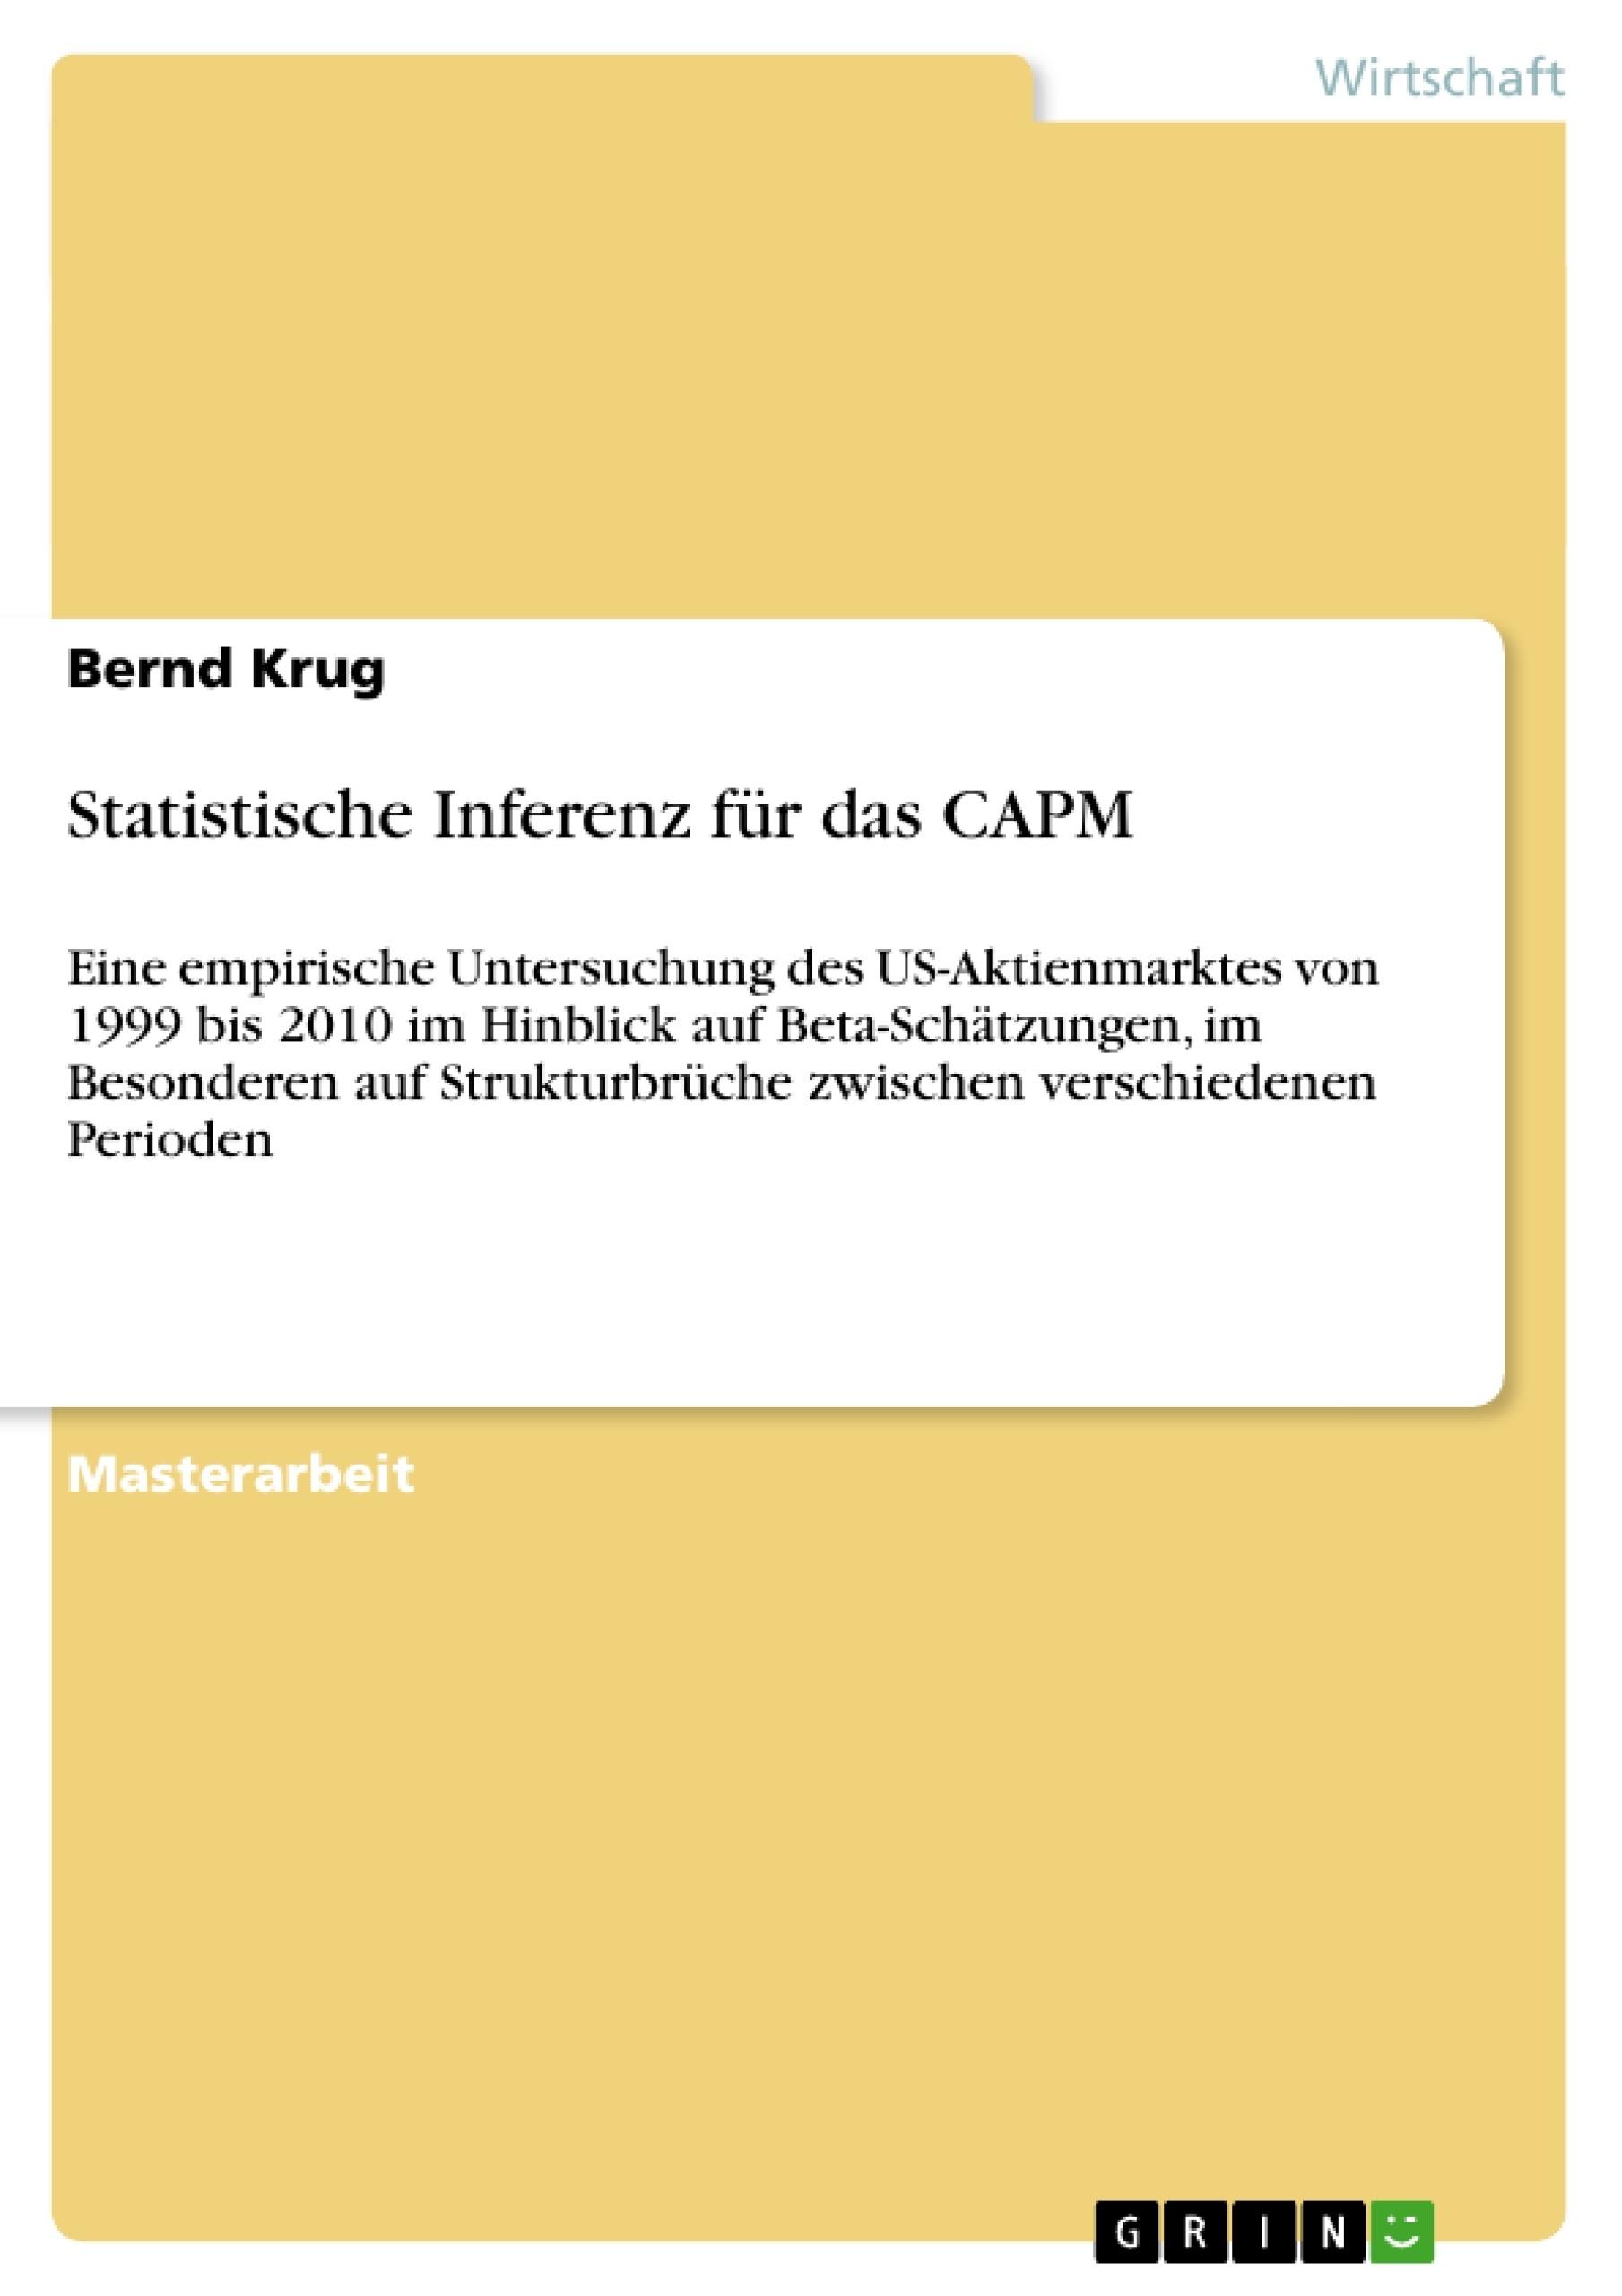 Titel: Statistische Inferenz für das CAPM